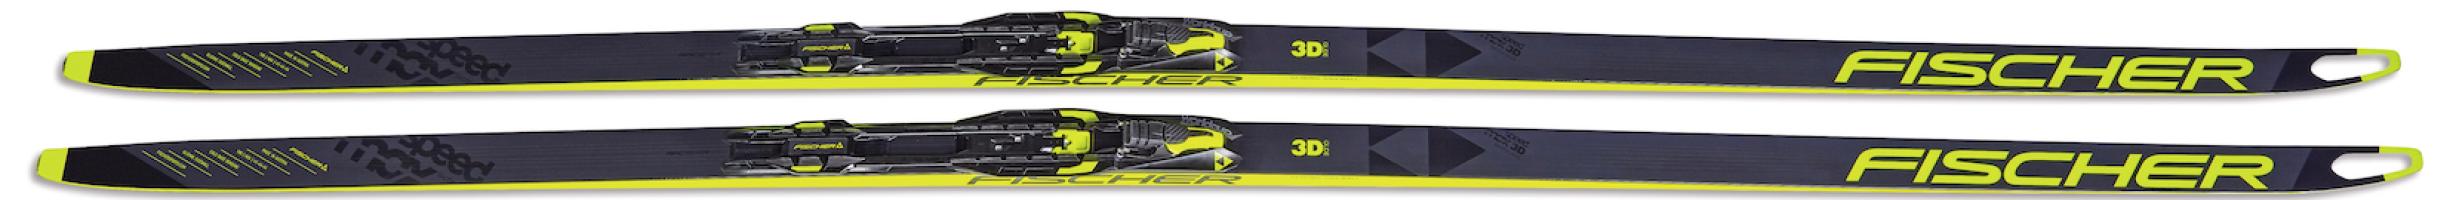 FISCHER SPEEDMAX 3D SKATE - Modell 2020/21